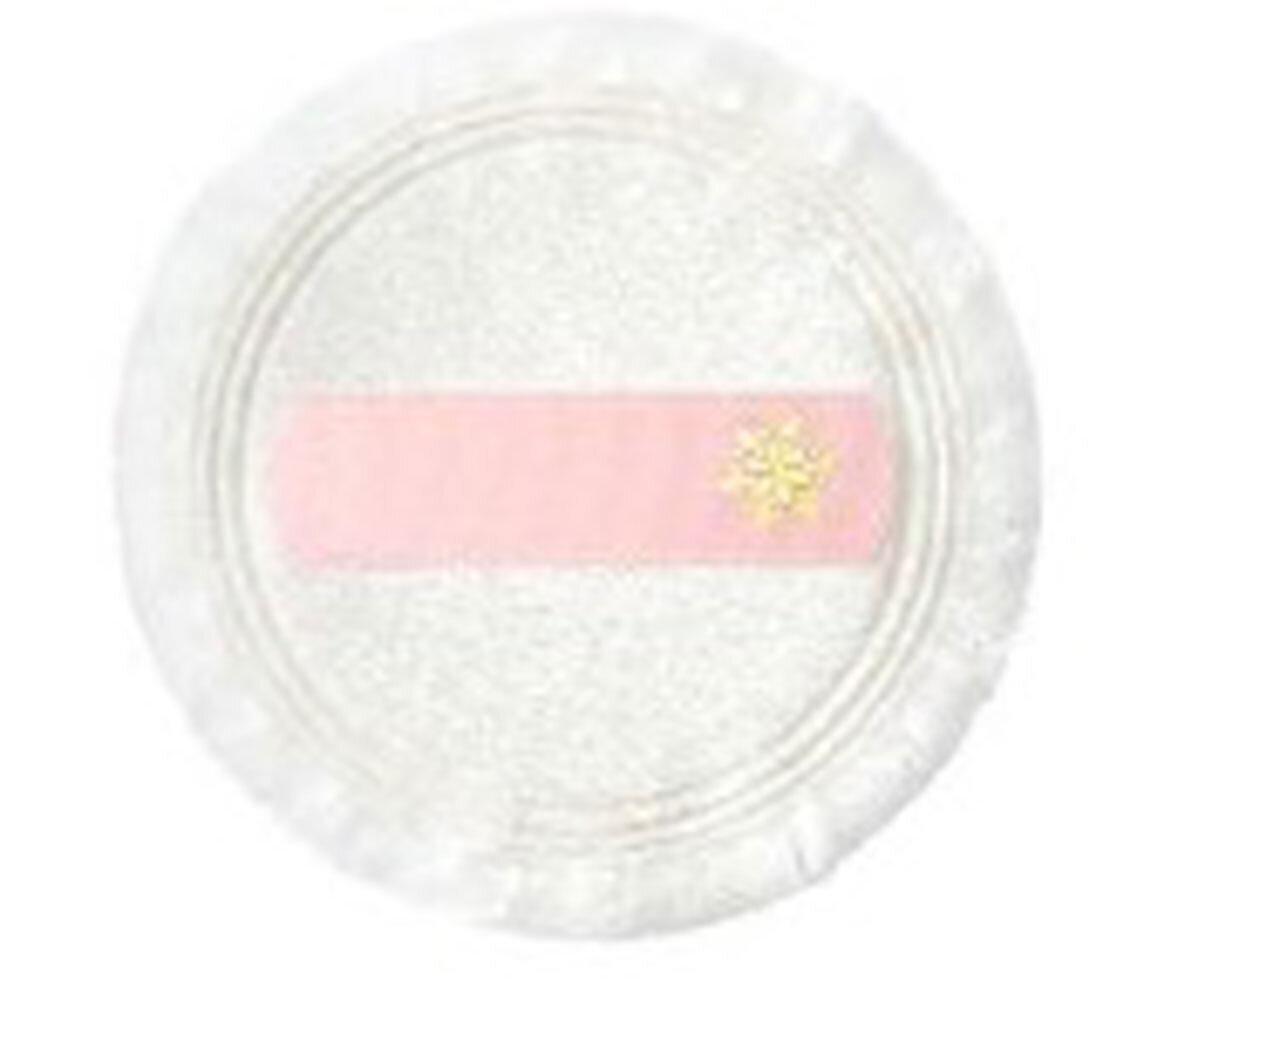 スノービューティー ホワイトニング スキンケアパウダーP(医薬部外品)